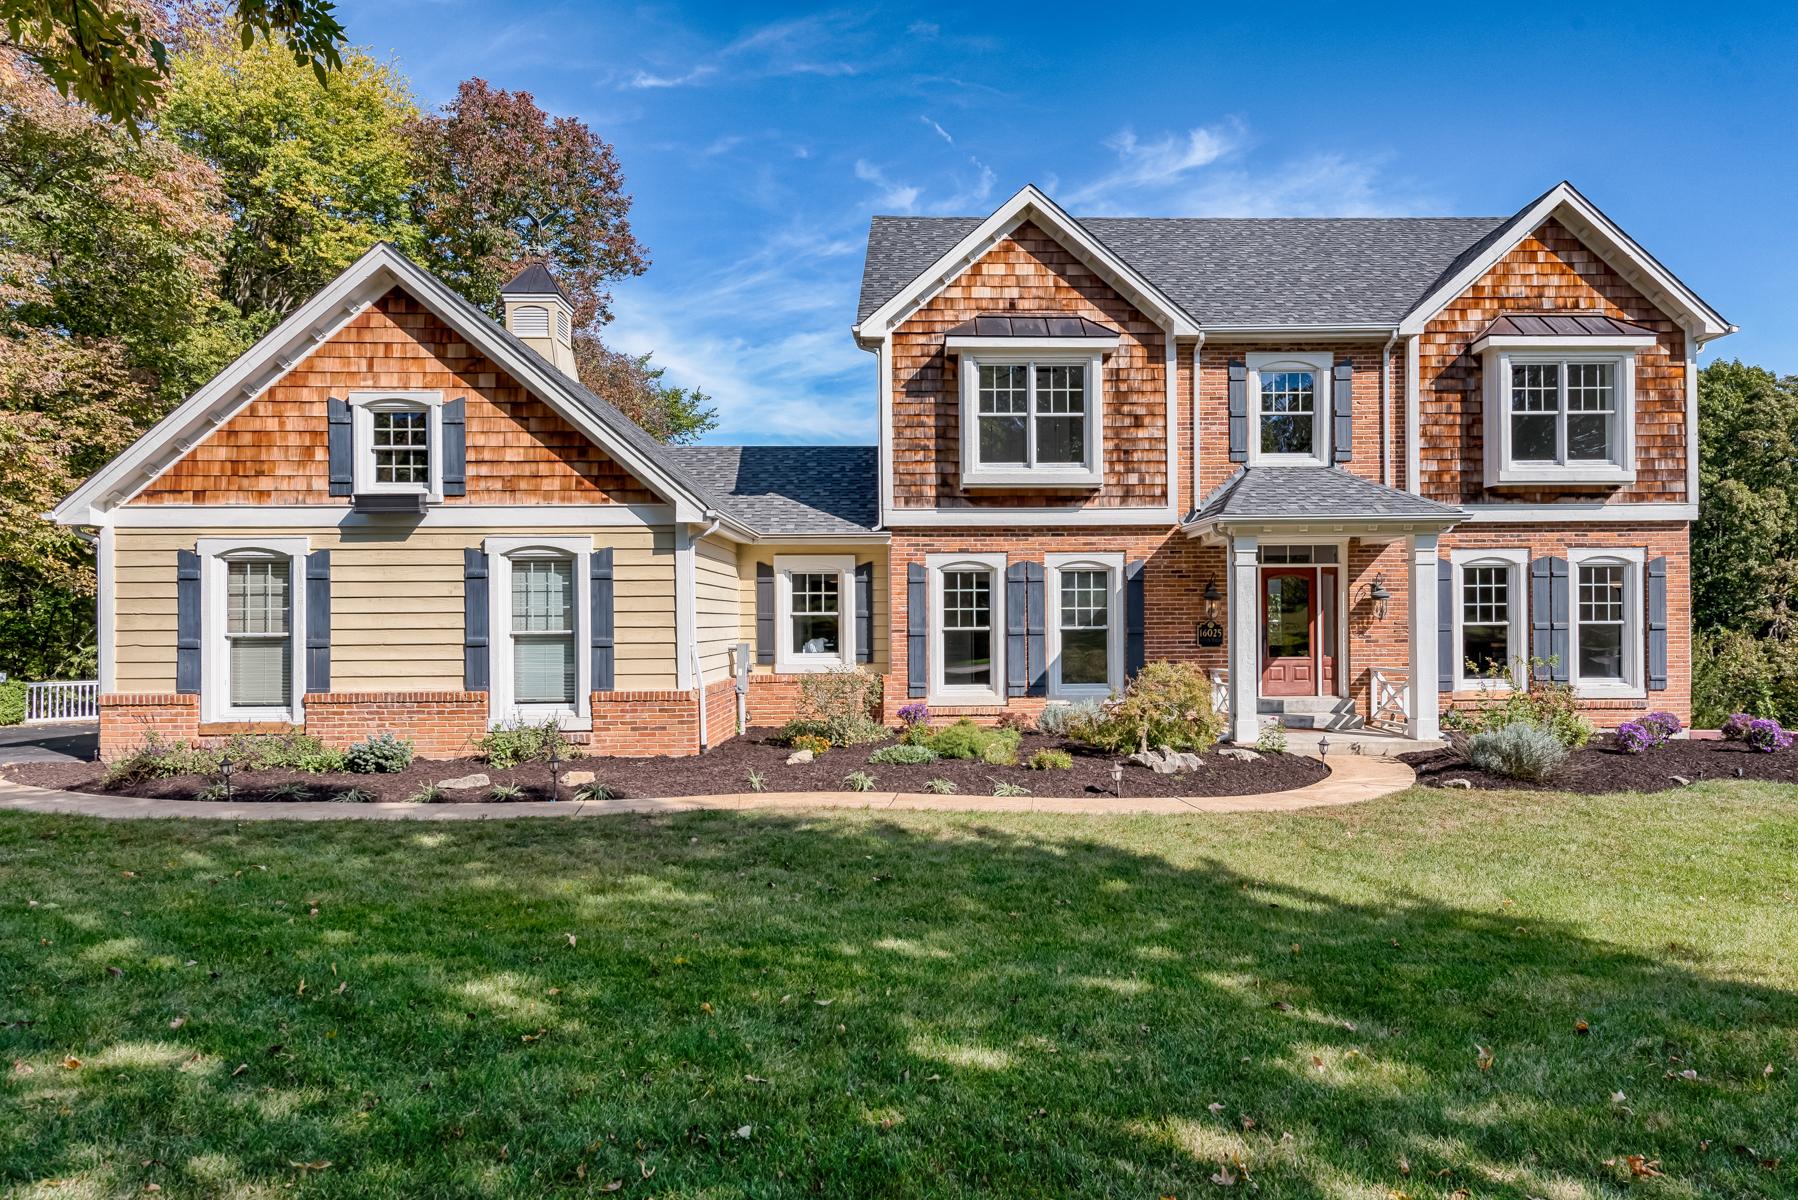 Maison unifamiliale pour l Vente à Wilson Manor Dr 16025 Wilson Manor Dr Chesterfield, Missouri, 63005 États-Unis